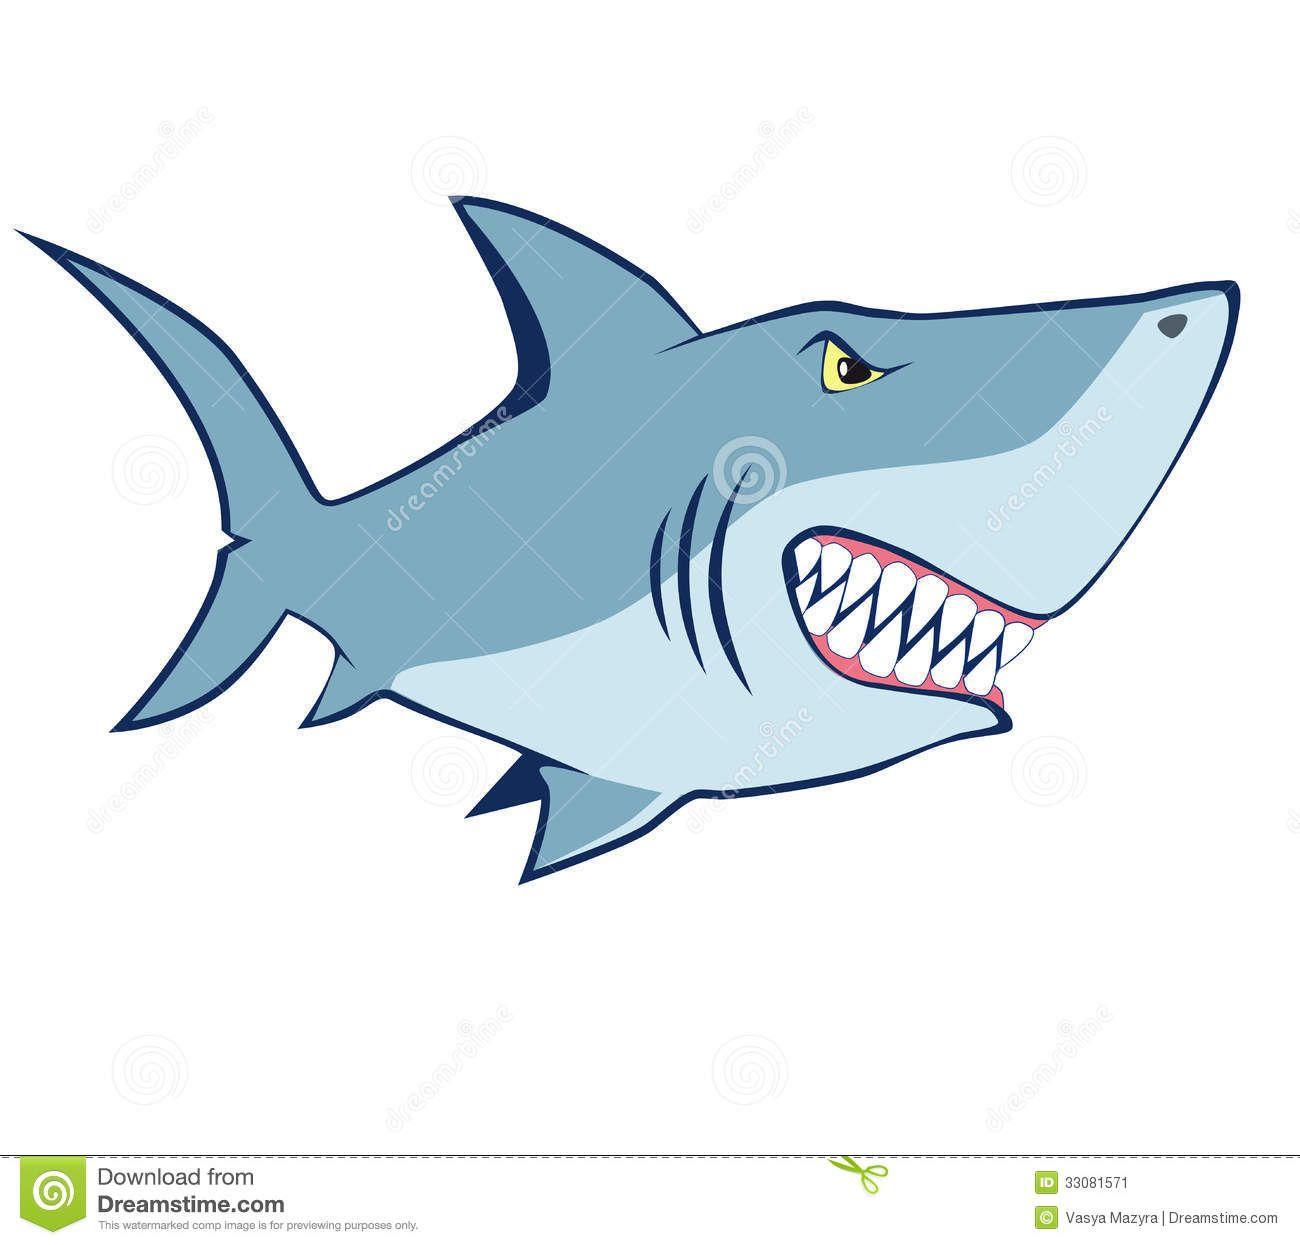 Pin de March de Chekelete en Dibujos | Pinterest | Tiburones